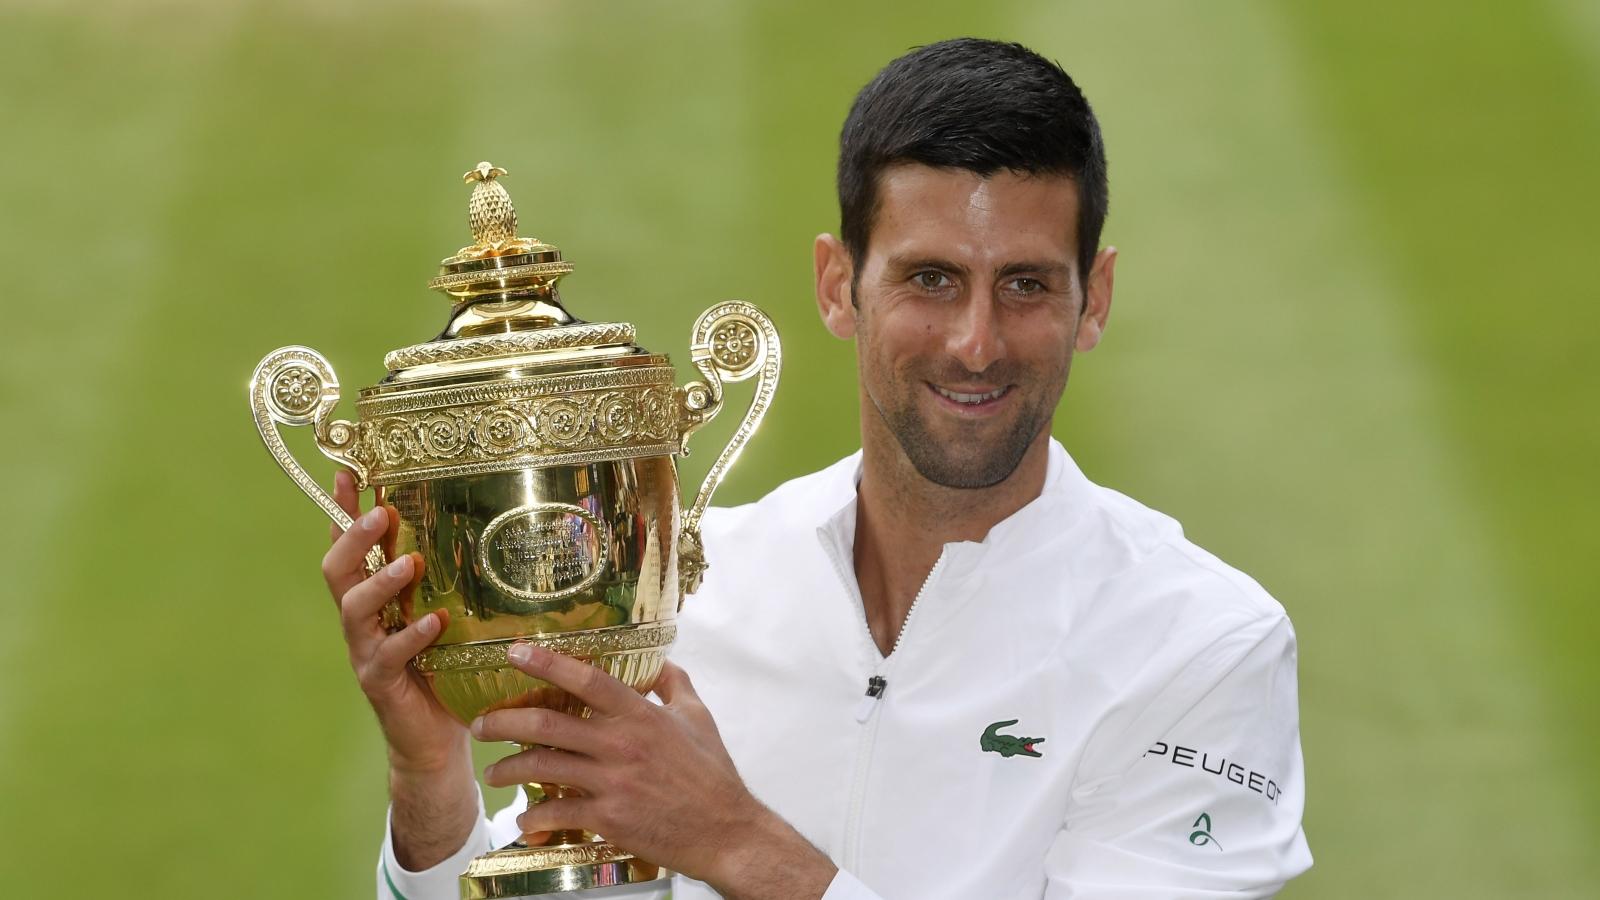 Vô địch Wimbledon 2021, Djokovic sánh ngang số danh hiệu Grand Slam của Federer và Nadal